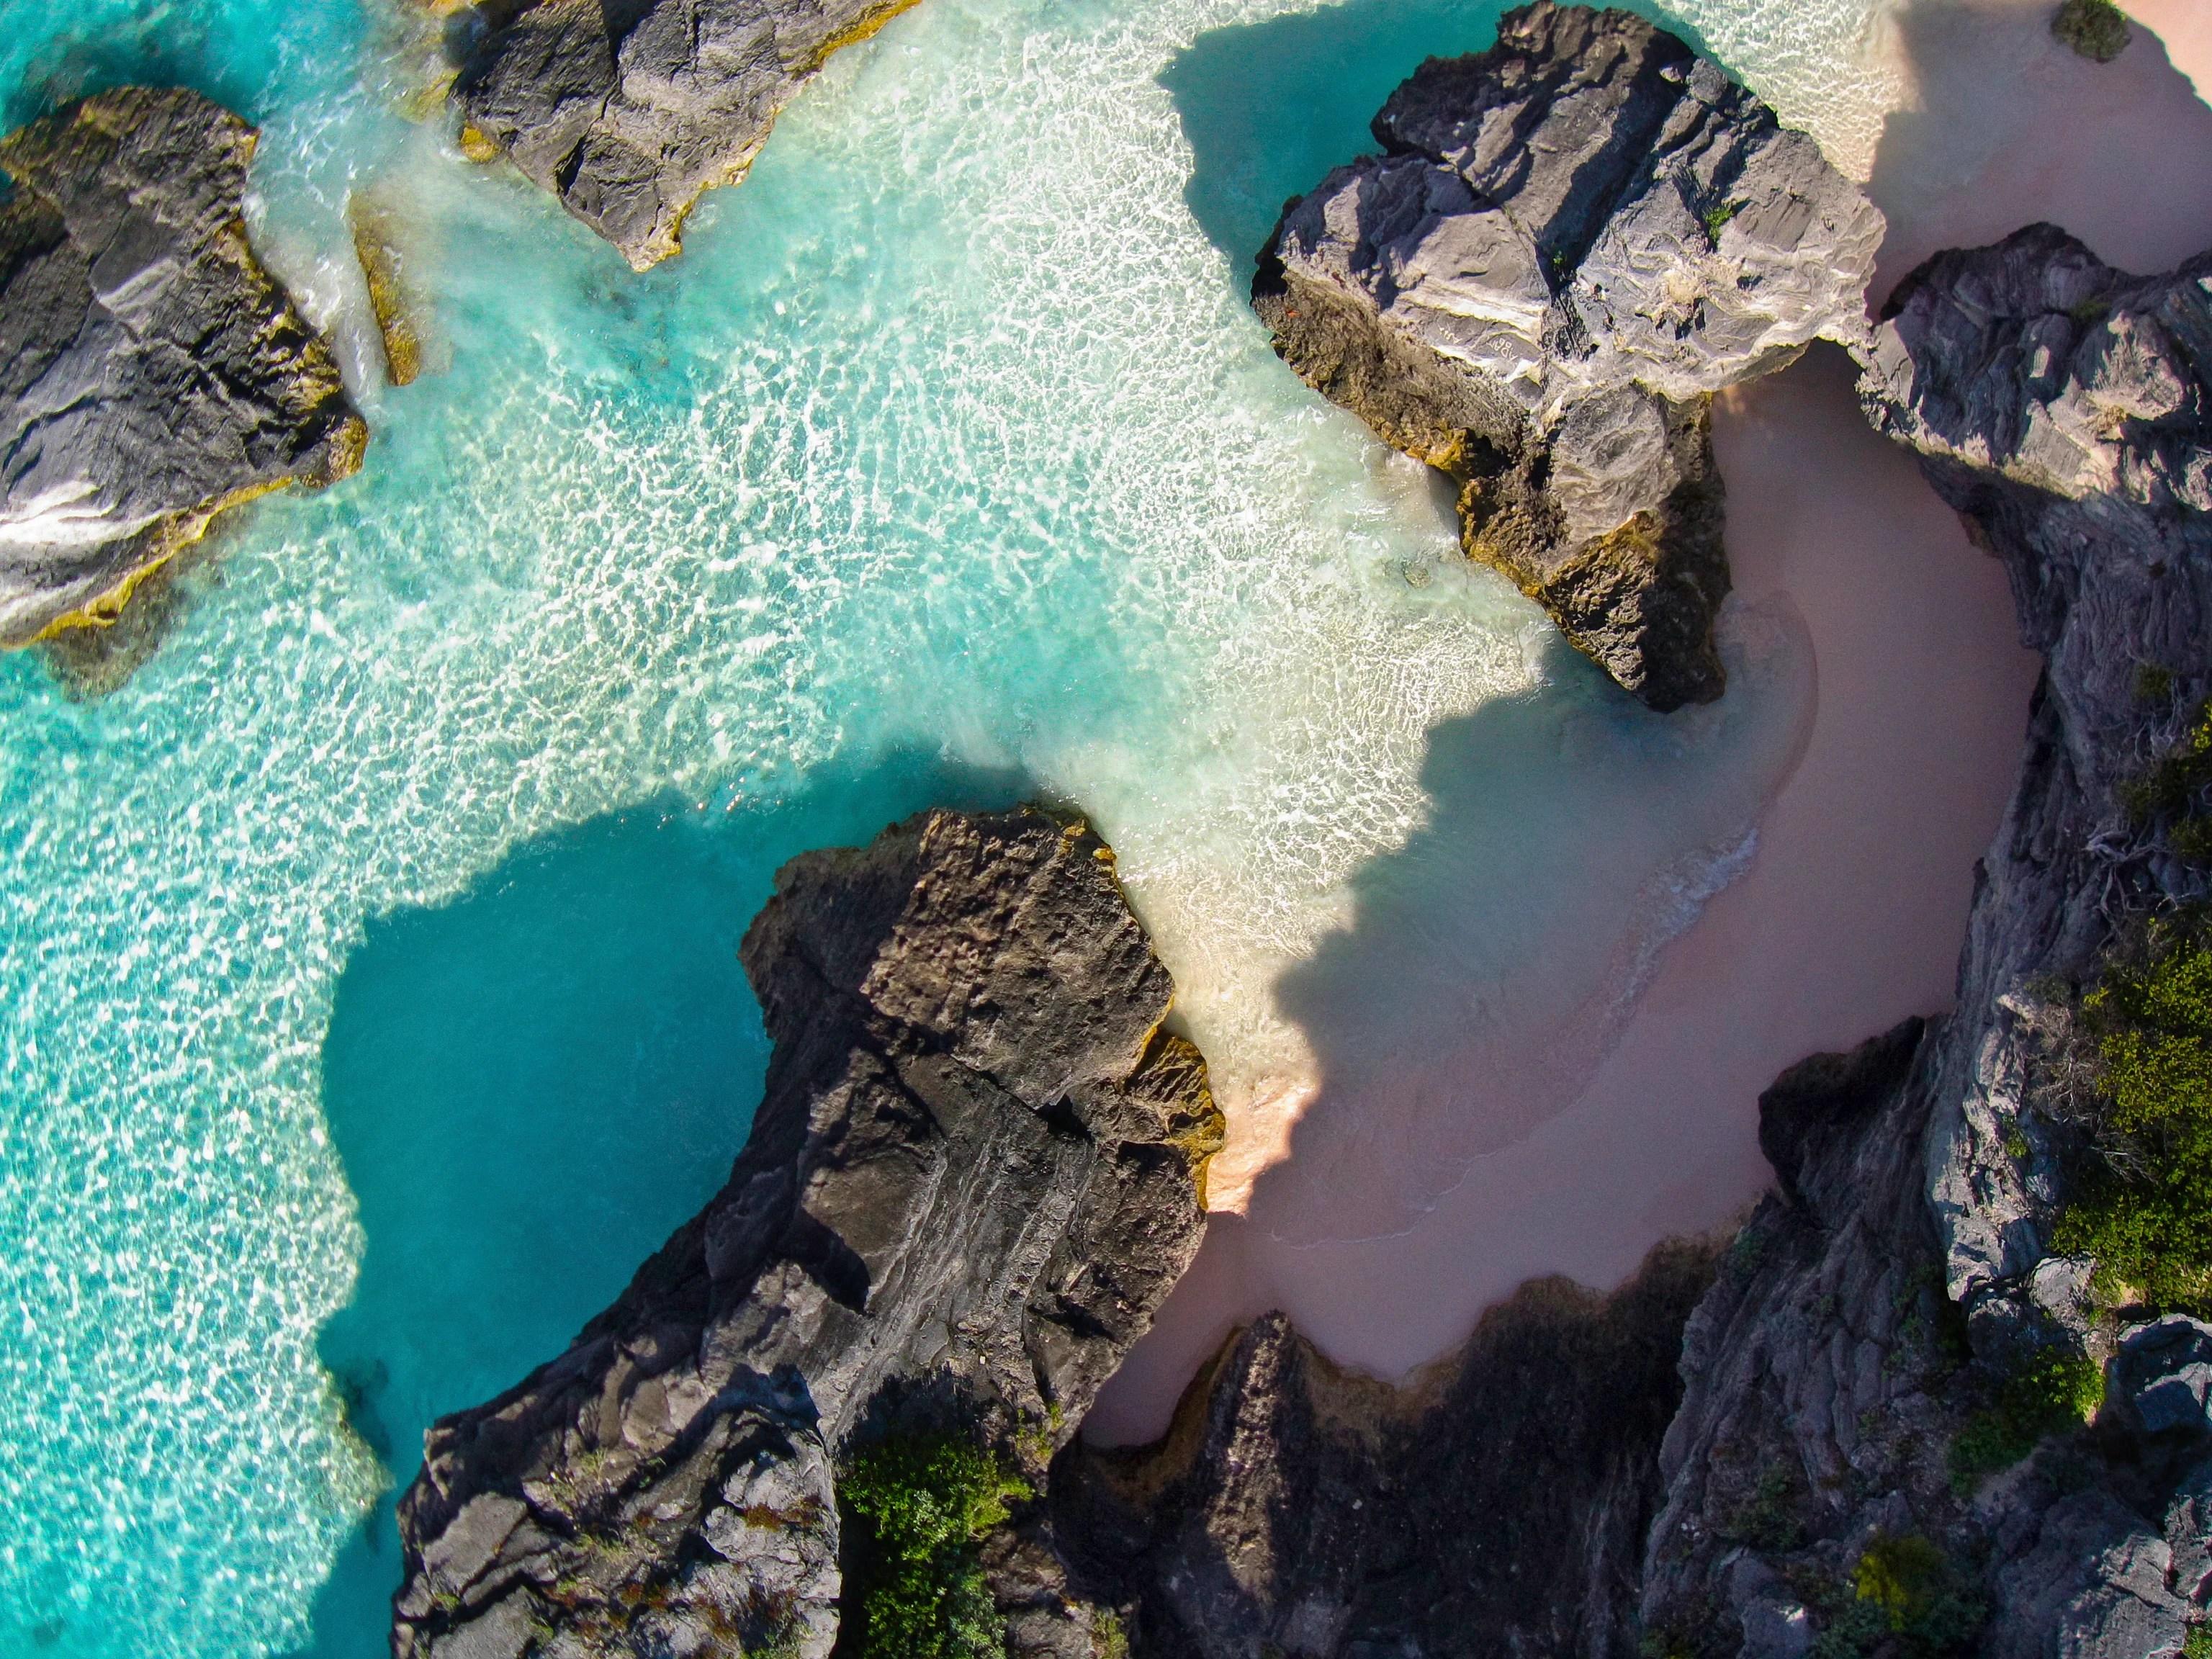 Does It Make Sense to Take a Short Cruise to Bermuda?